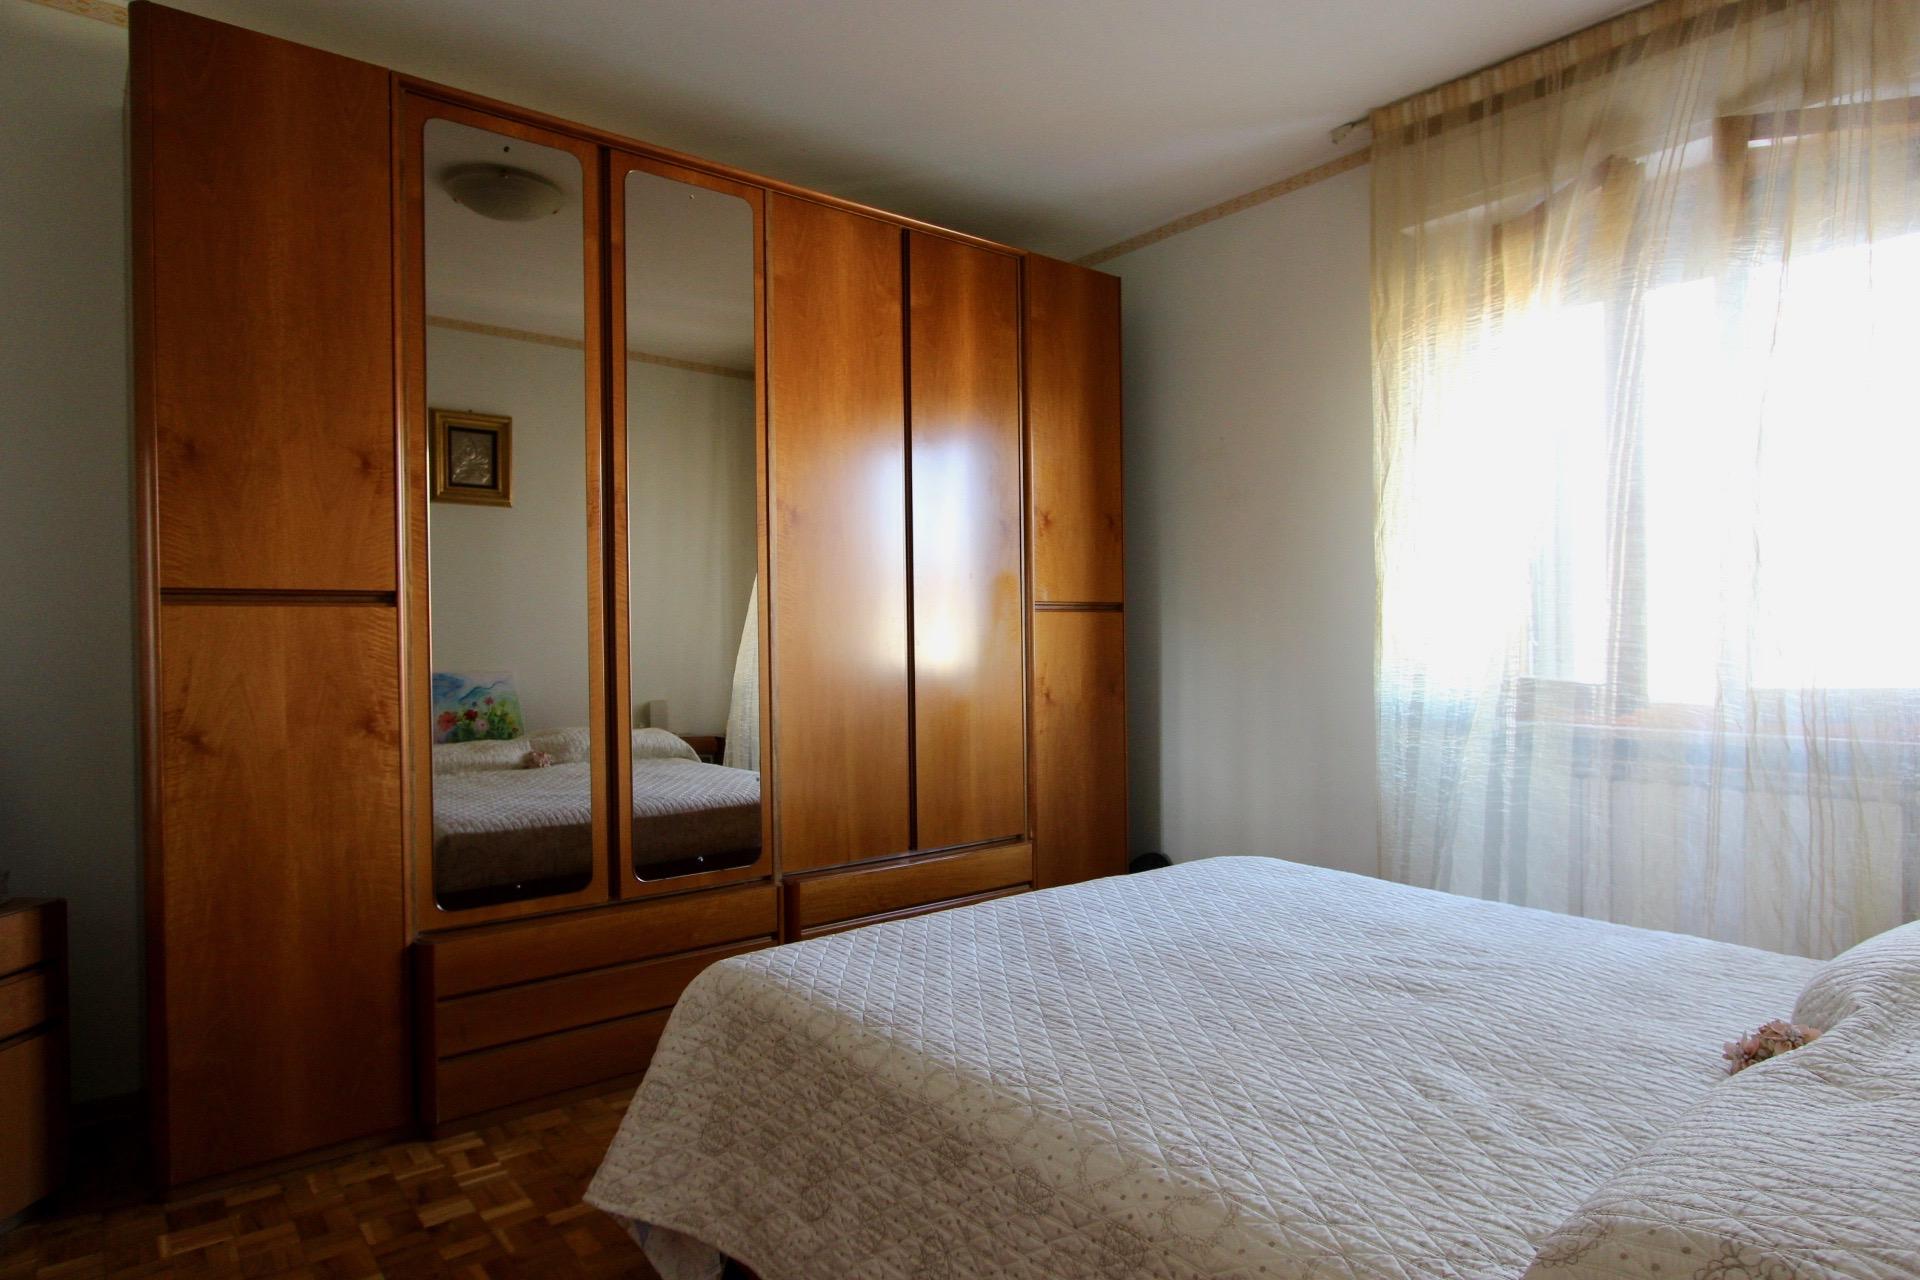 Castelraimondo, vendita appartamento con ingresso ind. Via D'Annunzio, - 1